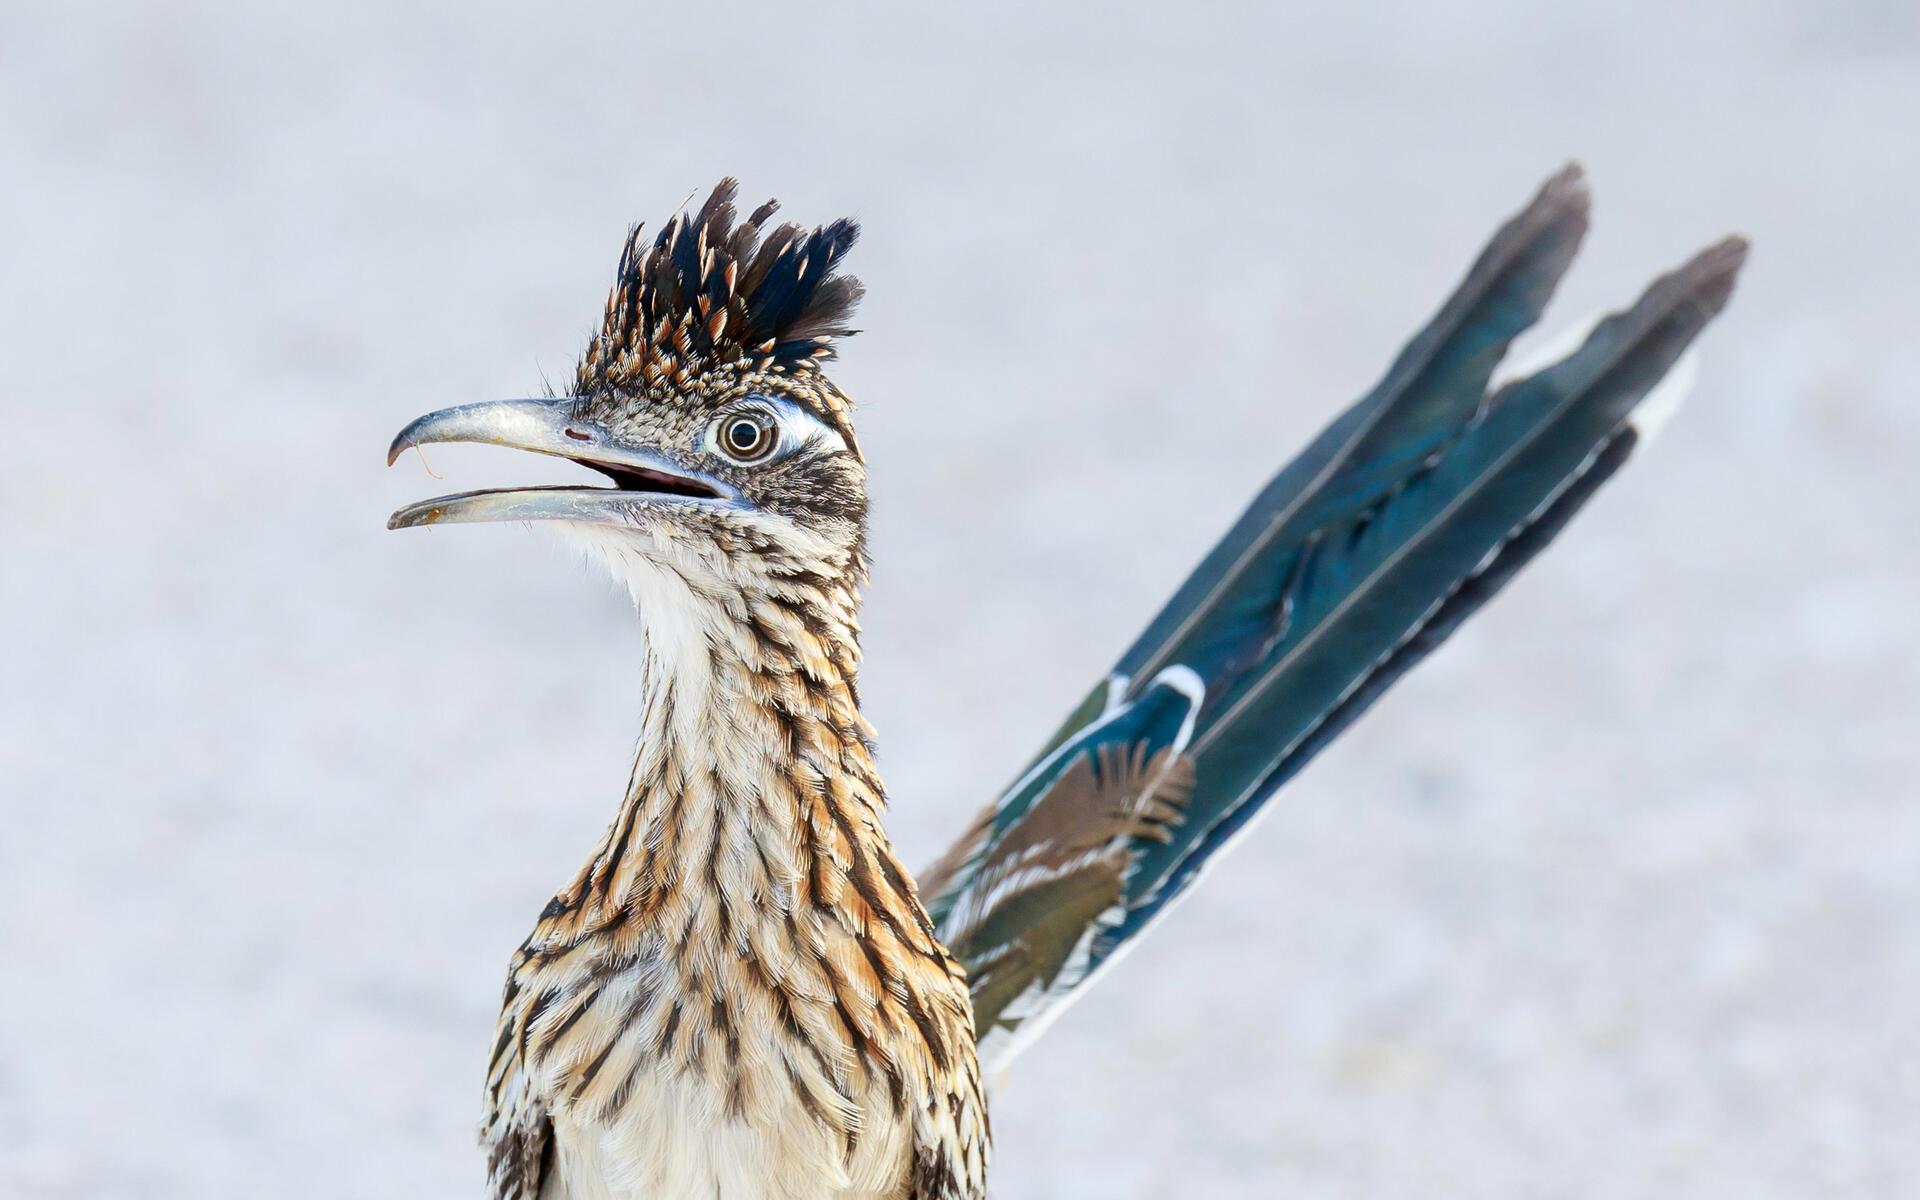 Greater Roadrunner Audubon Field Guide